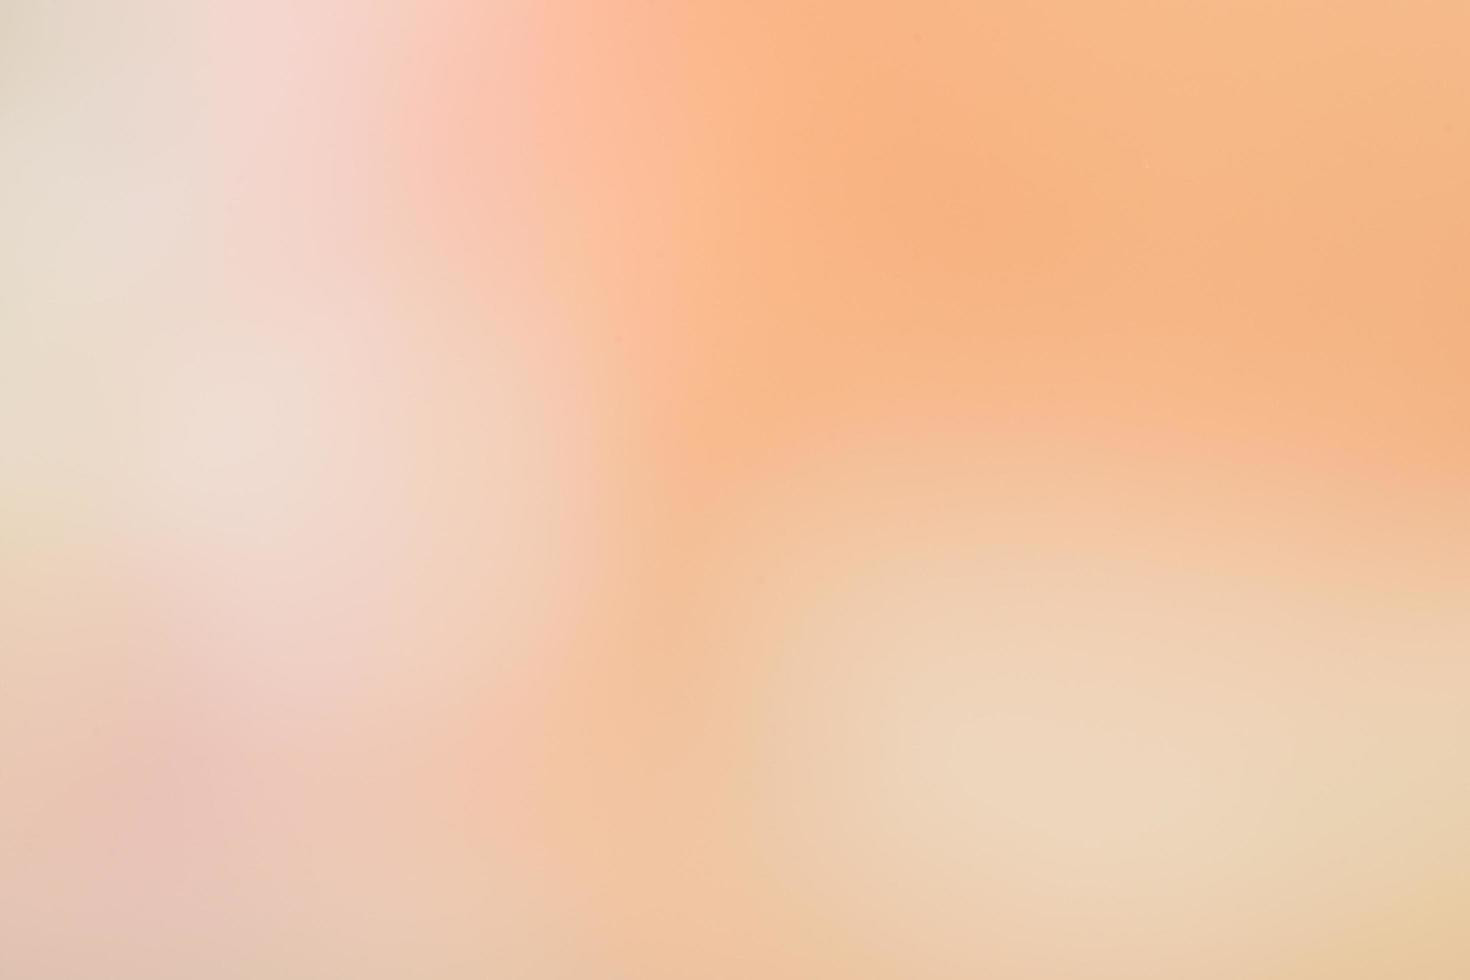 fondo borroso claro foto